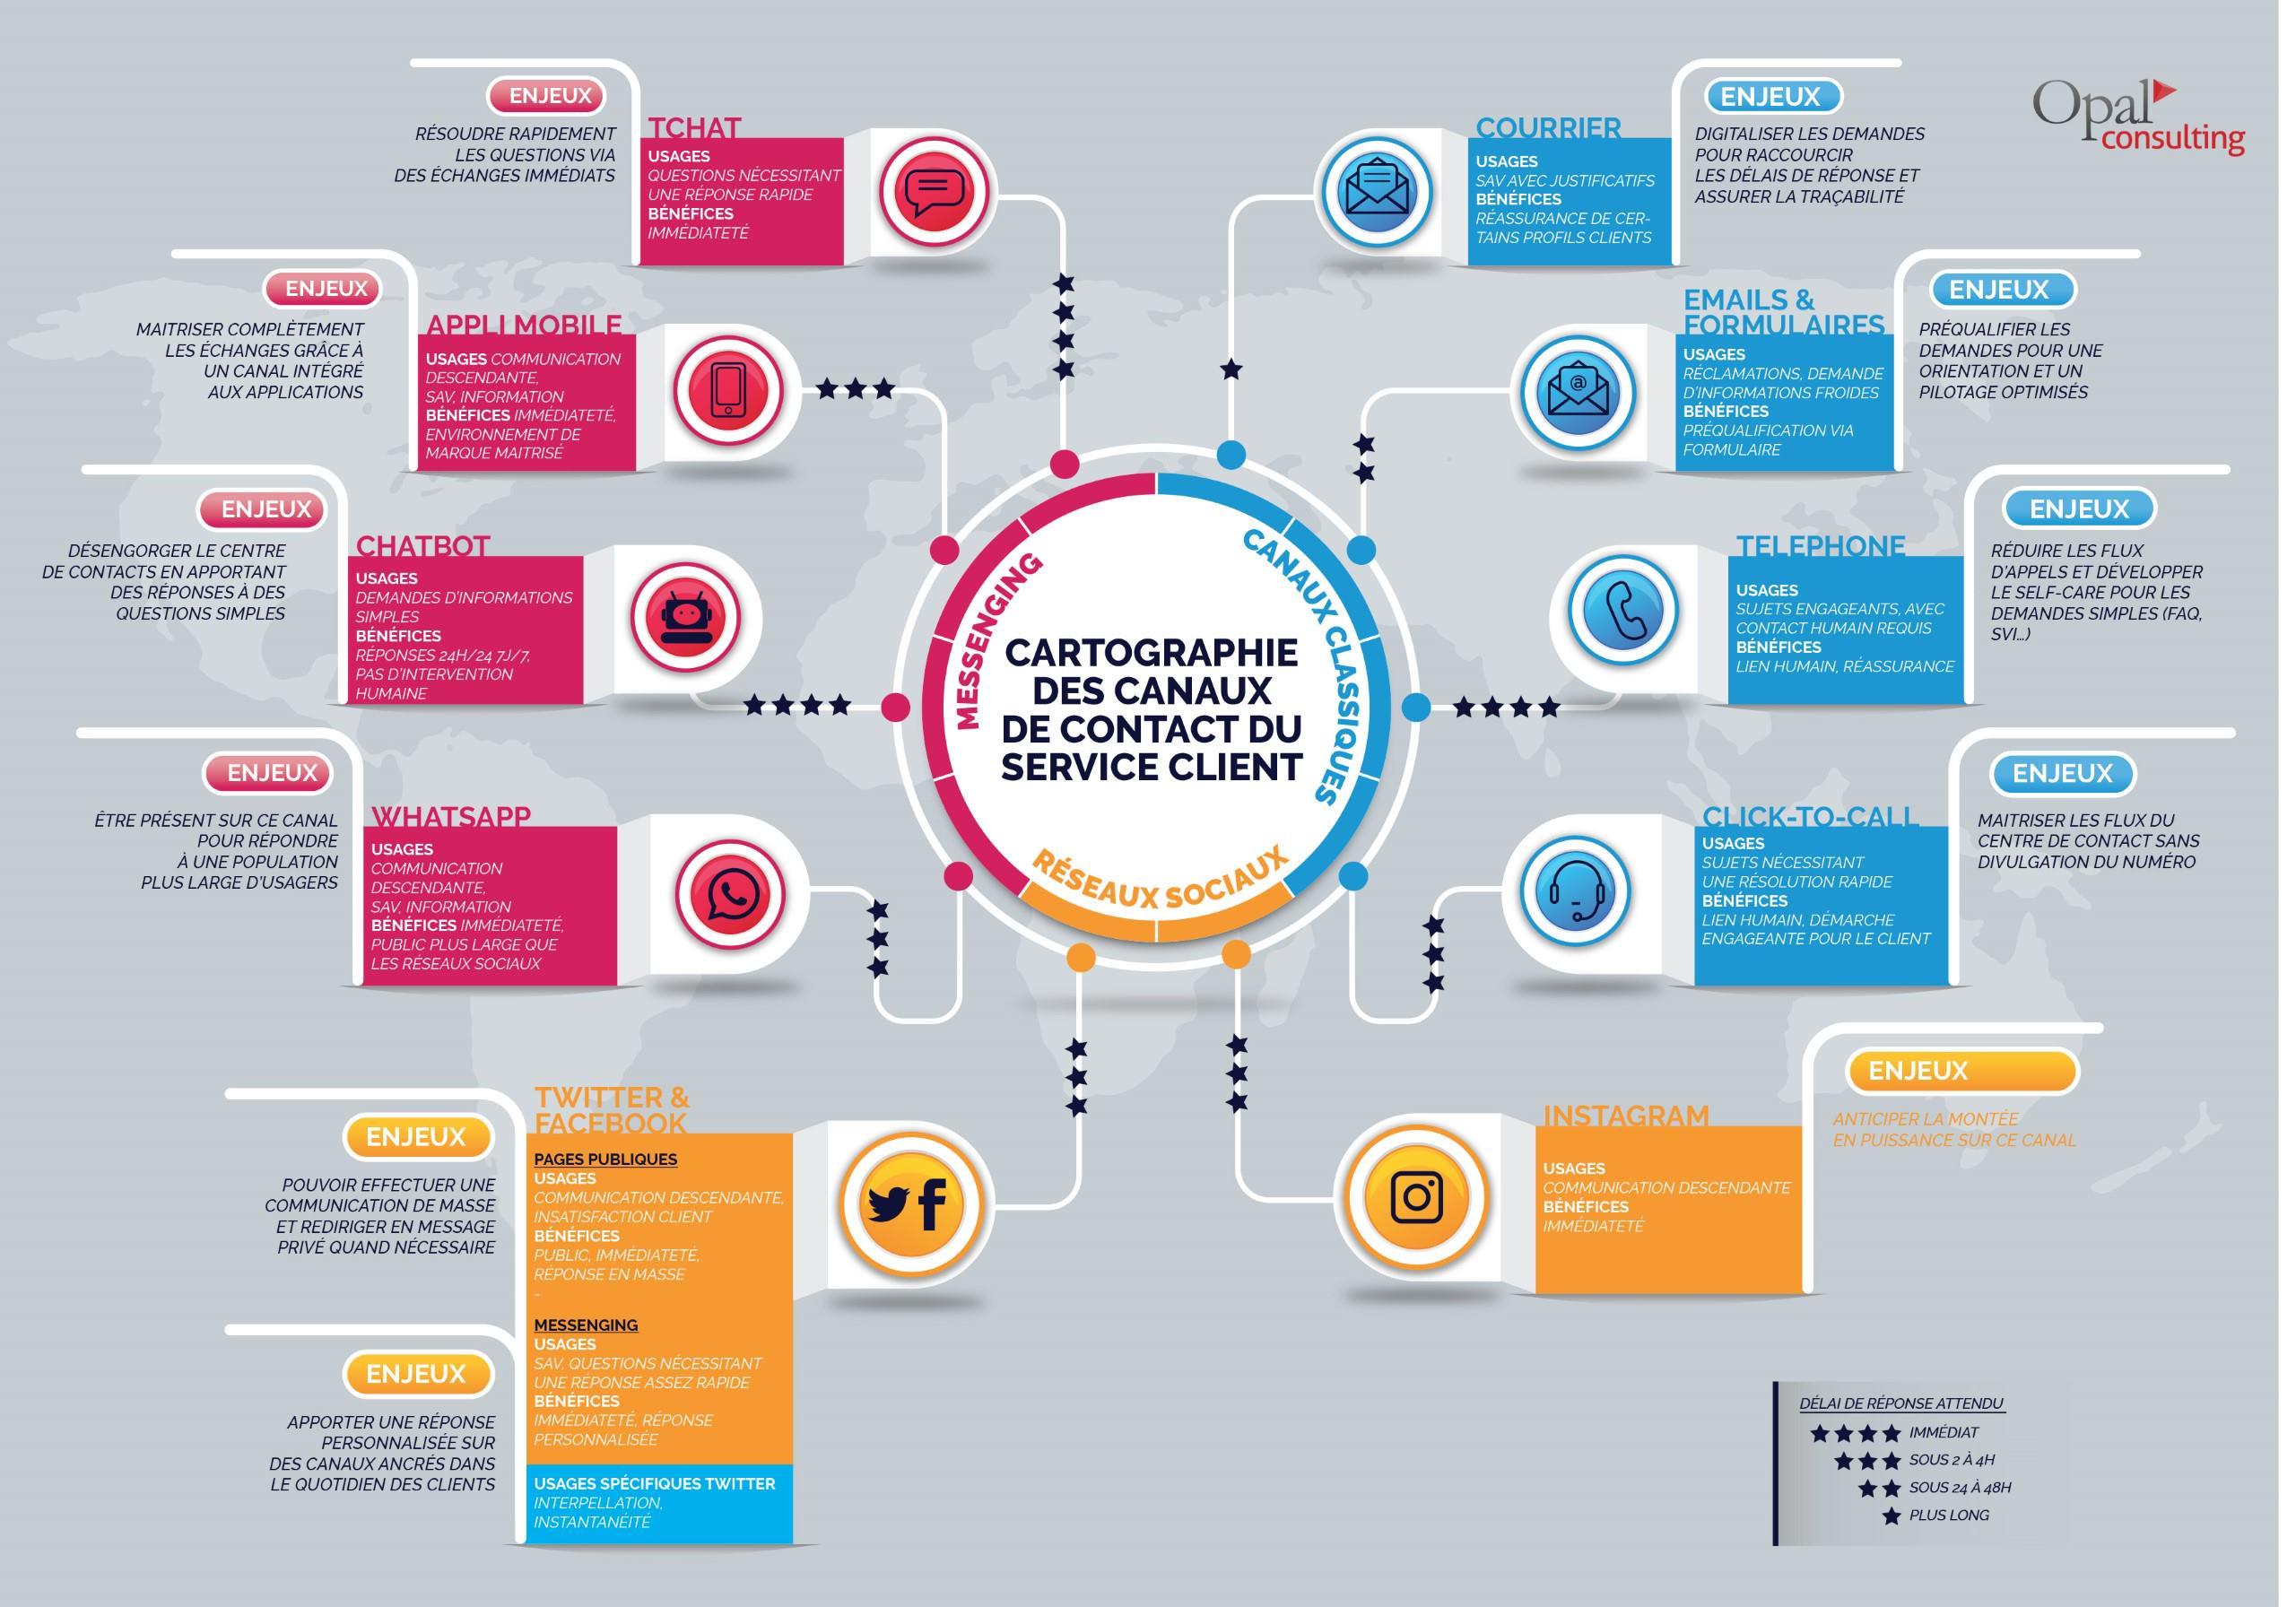 Infographie canaux de contact du service client